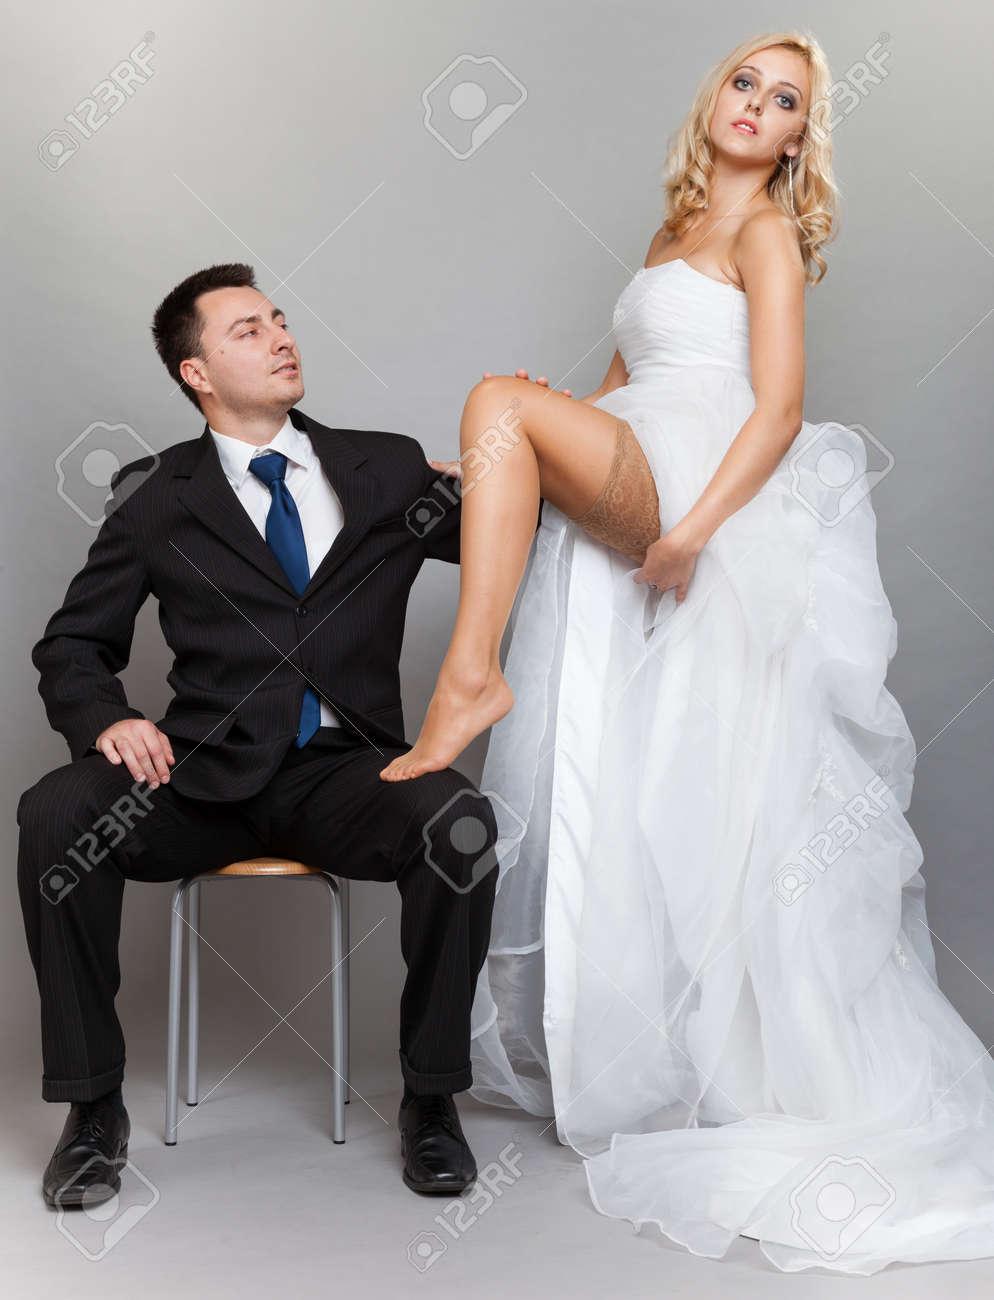 345928f8a Día De La Boda. Retrato De La Feliz Pareja Casada Sexy Rubia Novia Y ...